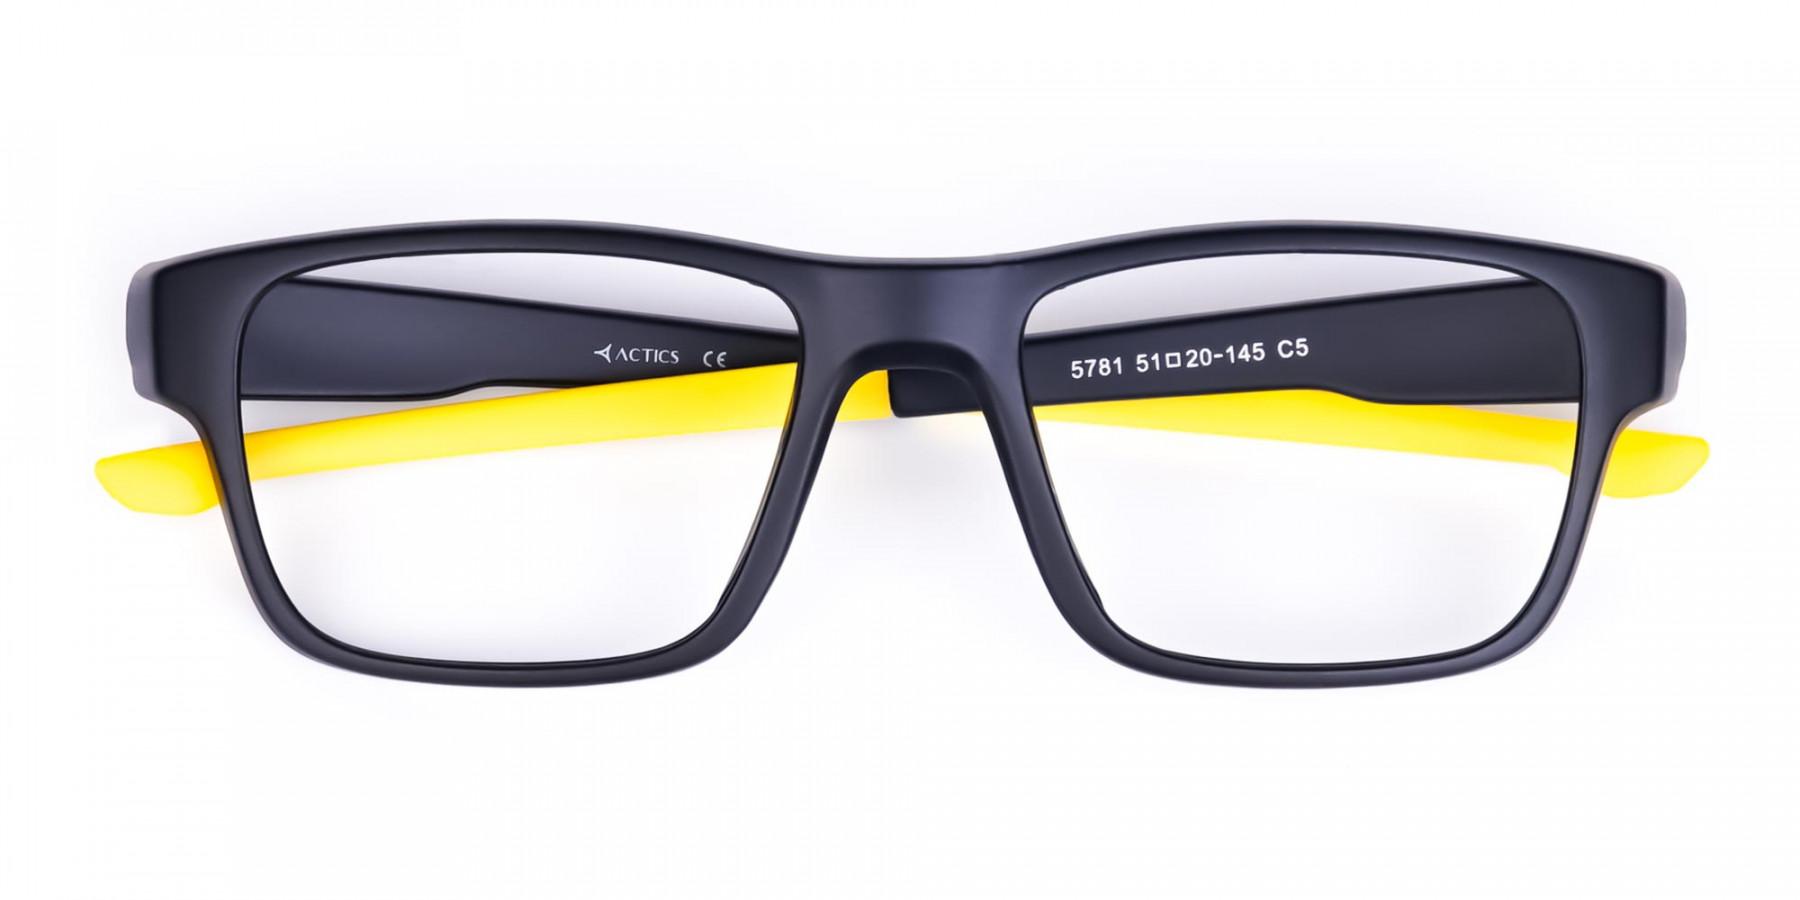 Bright-Yellow-and-Black-Rectangular-Glasses-1